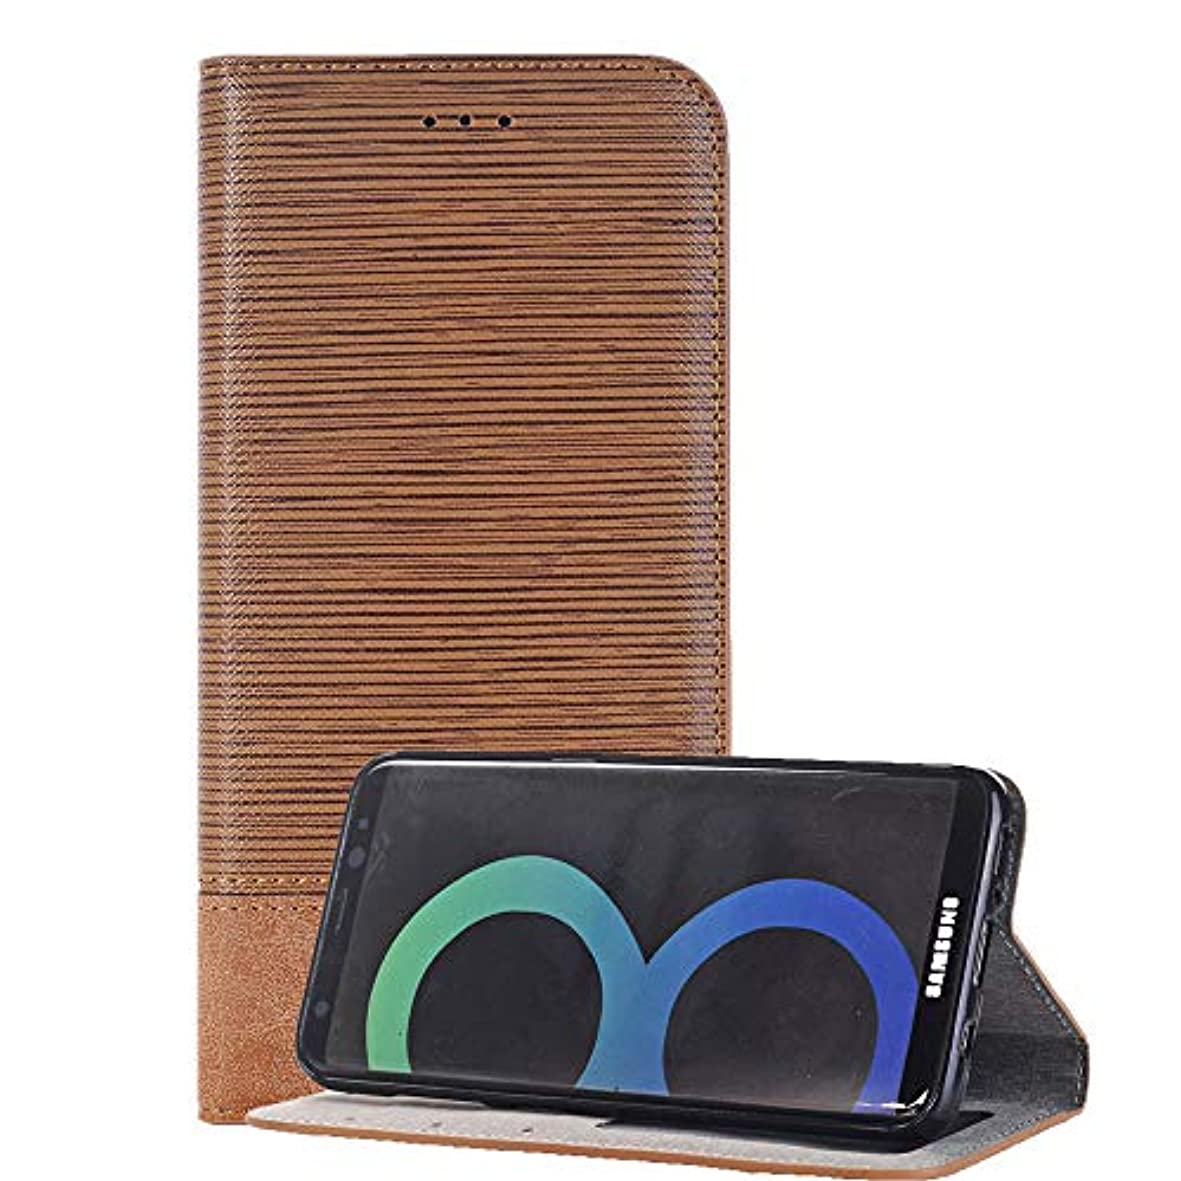 履歴書大いに血まみれSamsung Galaxy S8 手帳型 ケース ギャラクシーs8 スマホケース カバー 脱着簡単 カードポケット 高品質 人気 おしゃれ カバー(ライトブラウン)